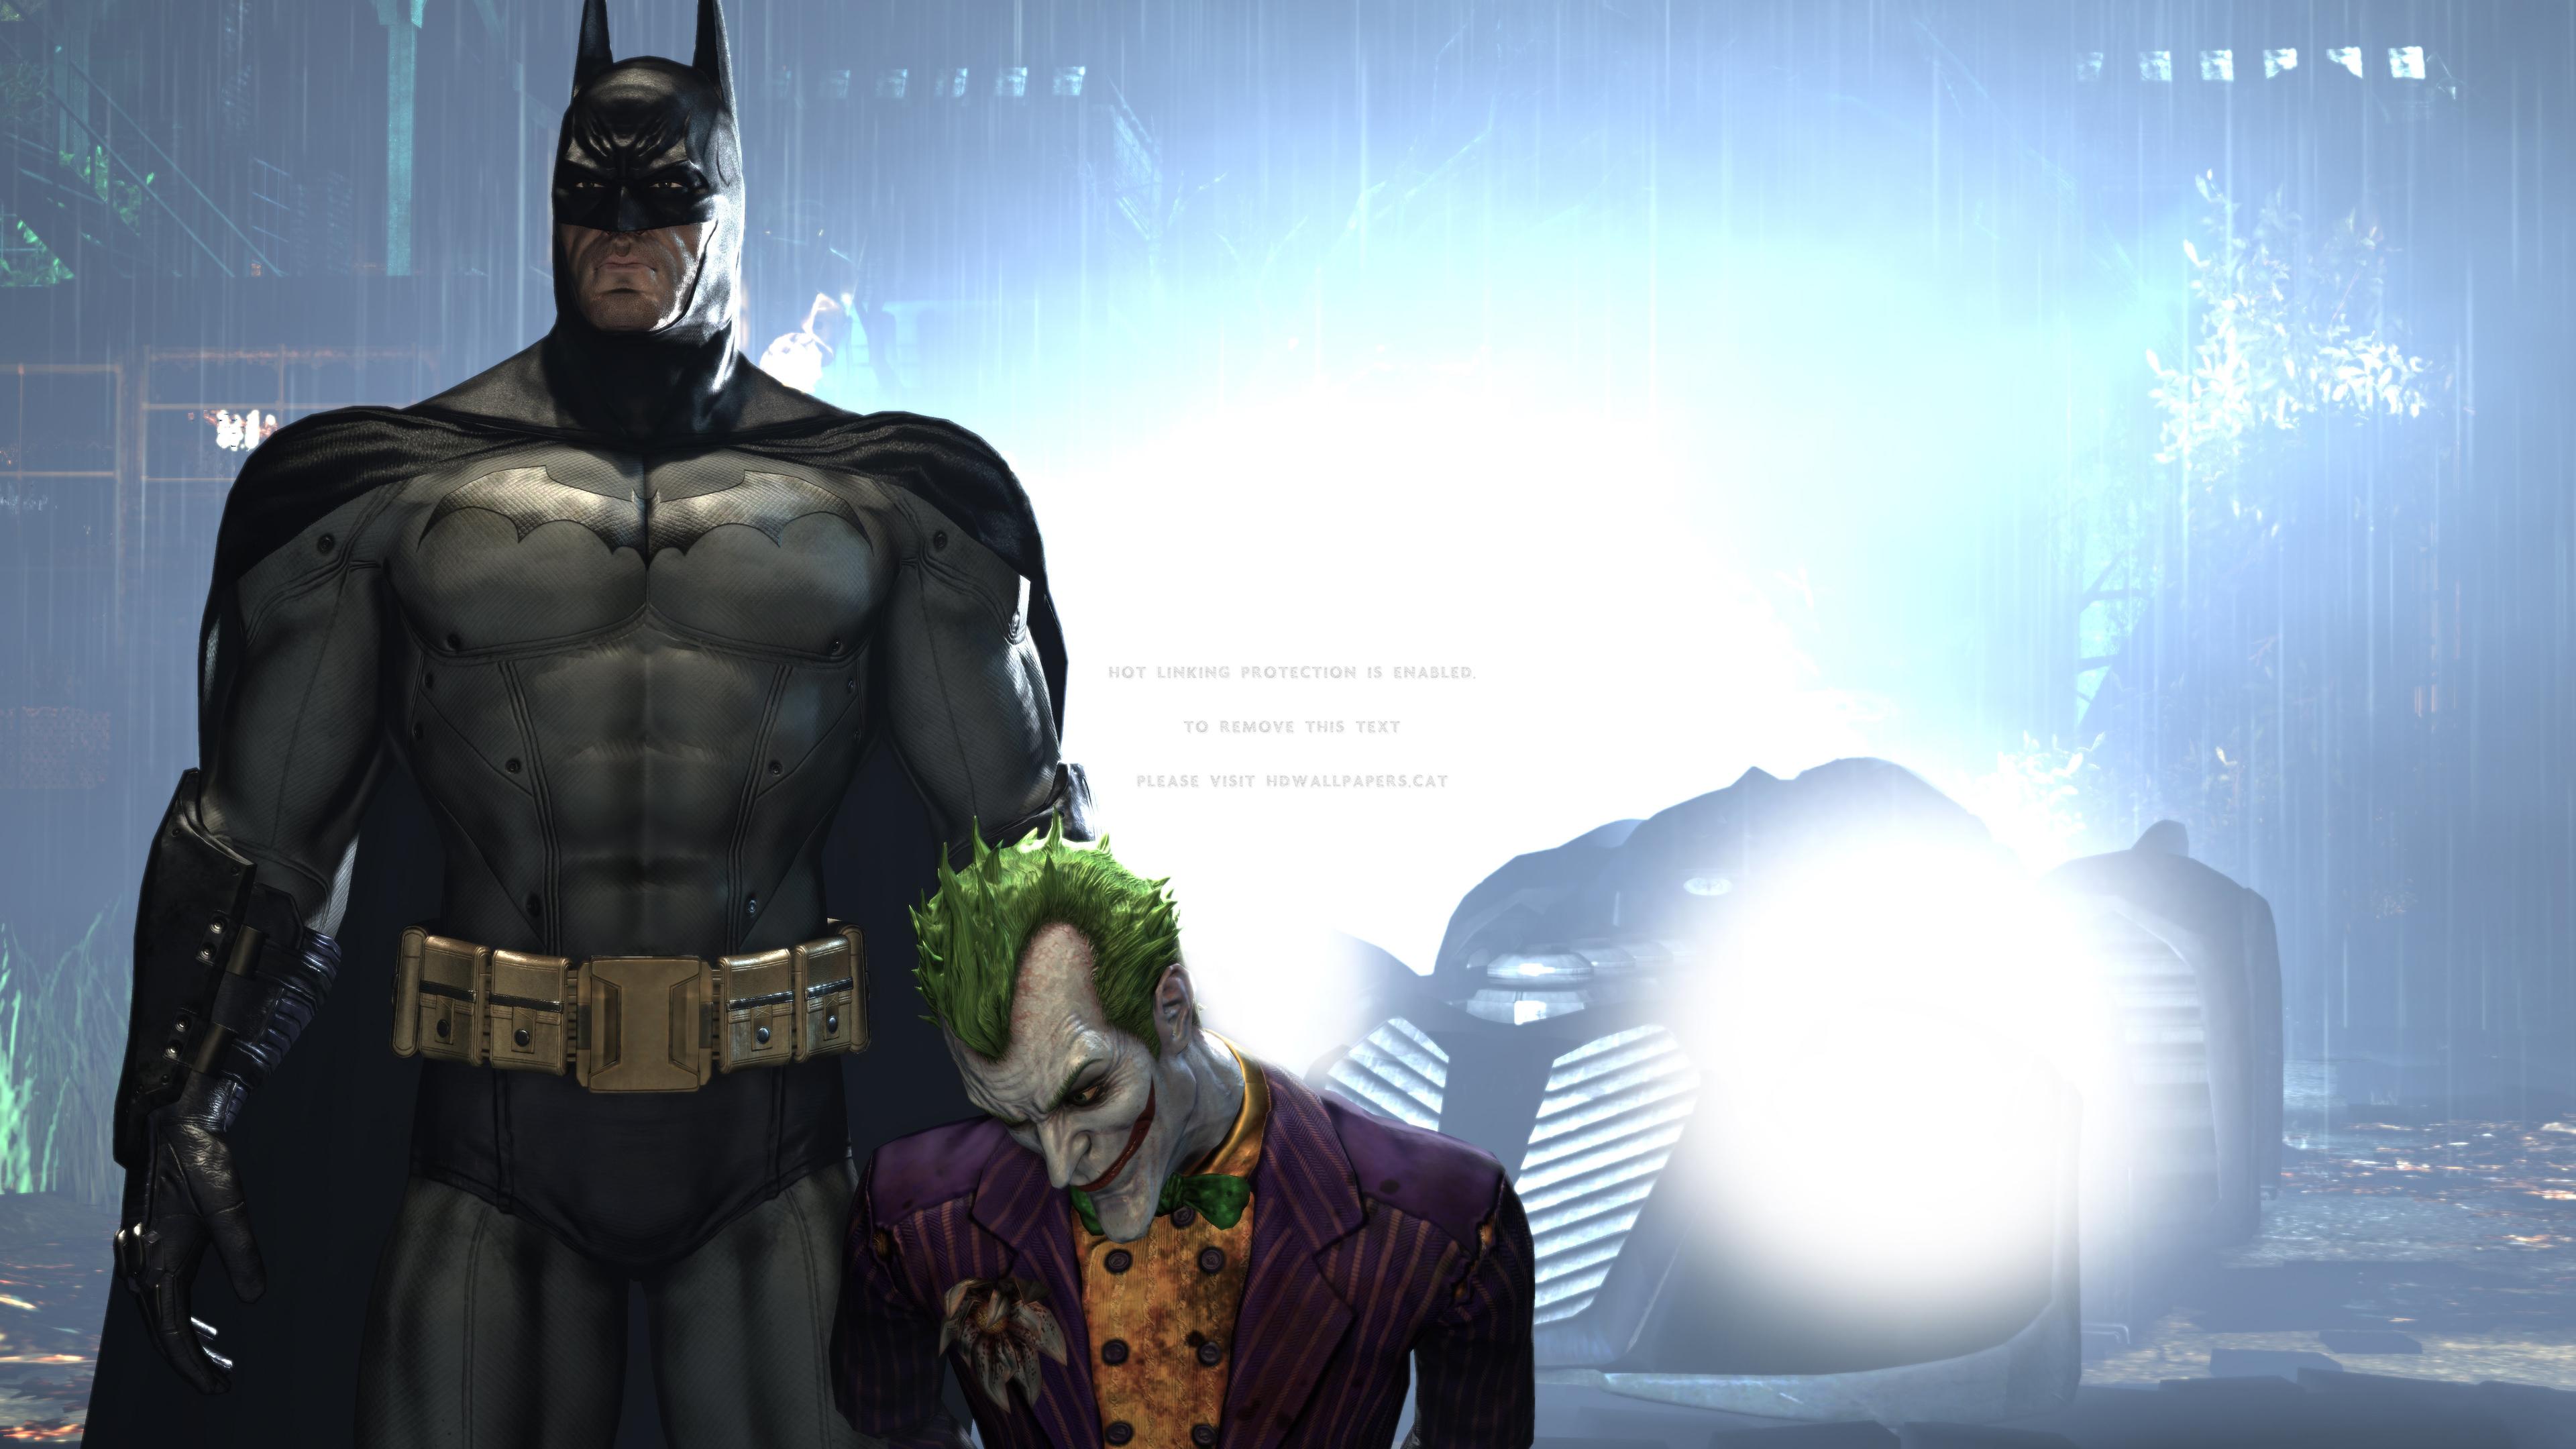 batman joker 5k 1539978578 - Batman Joker 5k - supervillain wallpapers, superheroes wallpapers, joker wallpapers, hd-wallpapers, batman wallpapers, 5k wallpapers, 4k-wallpapers